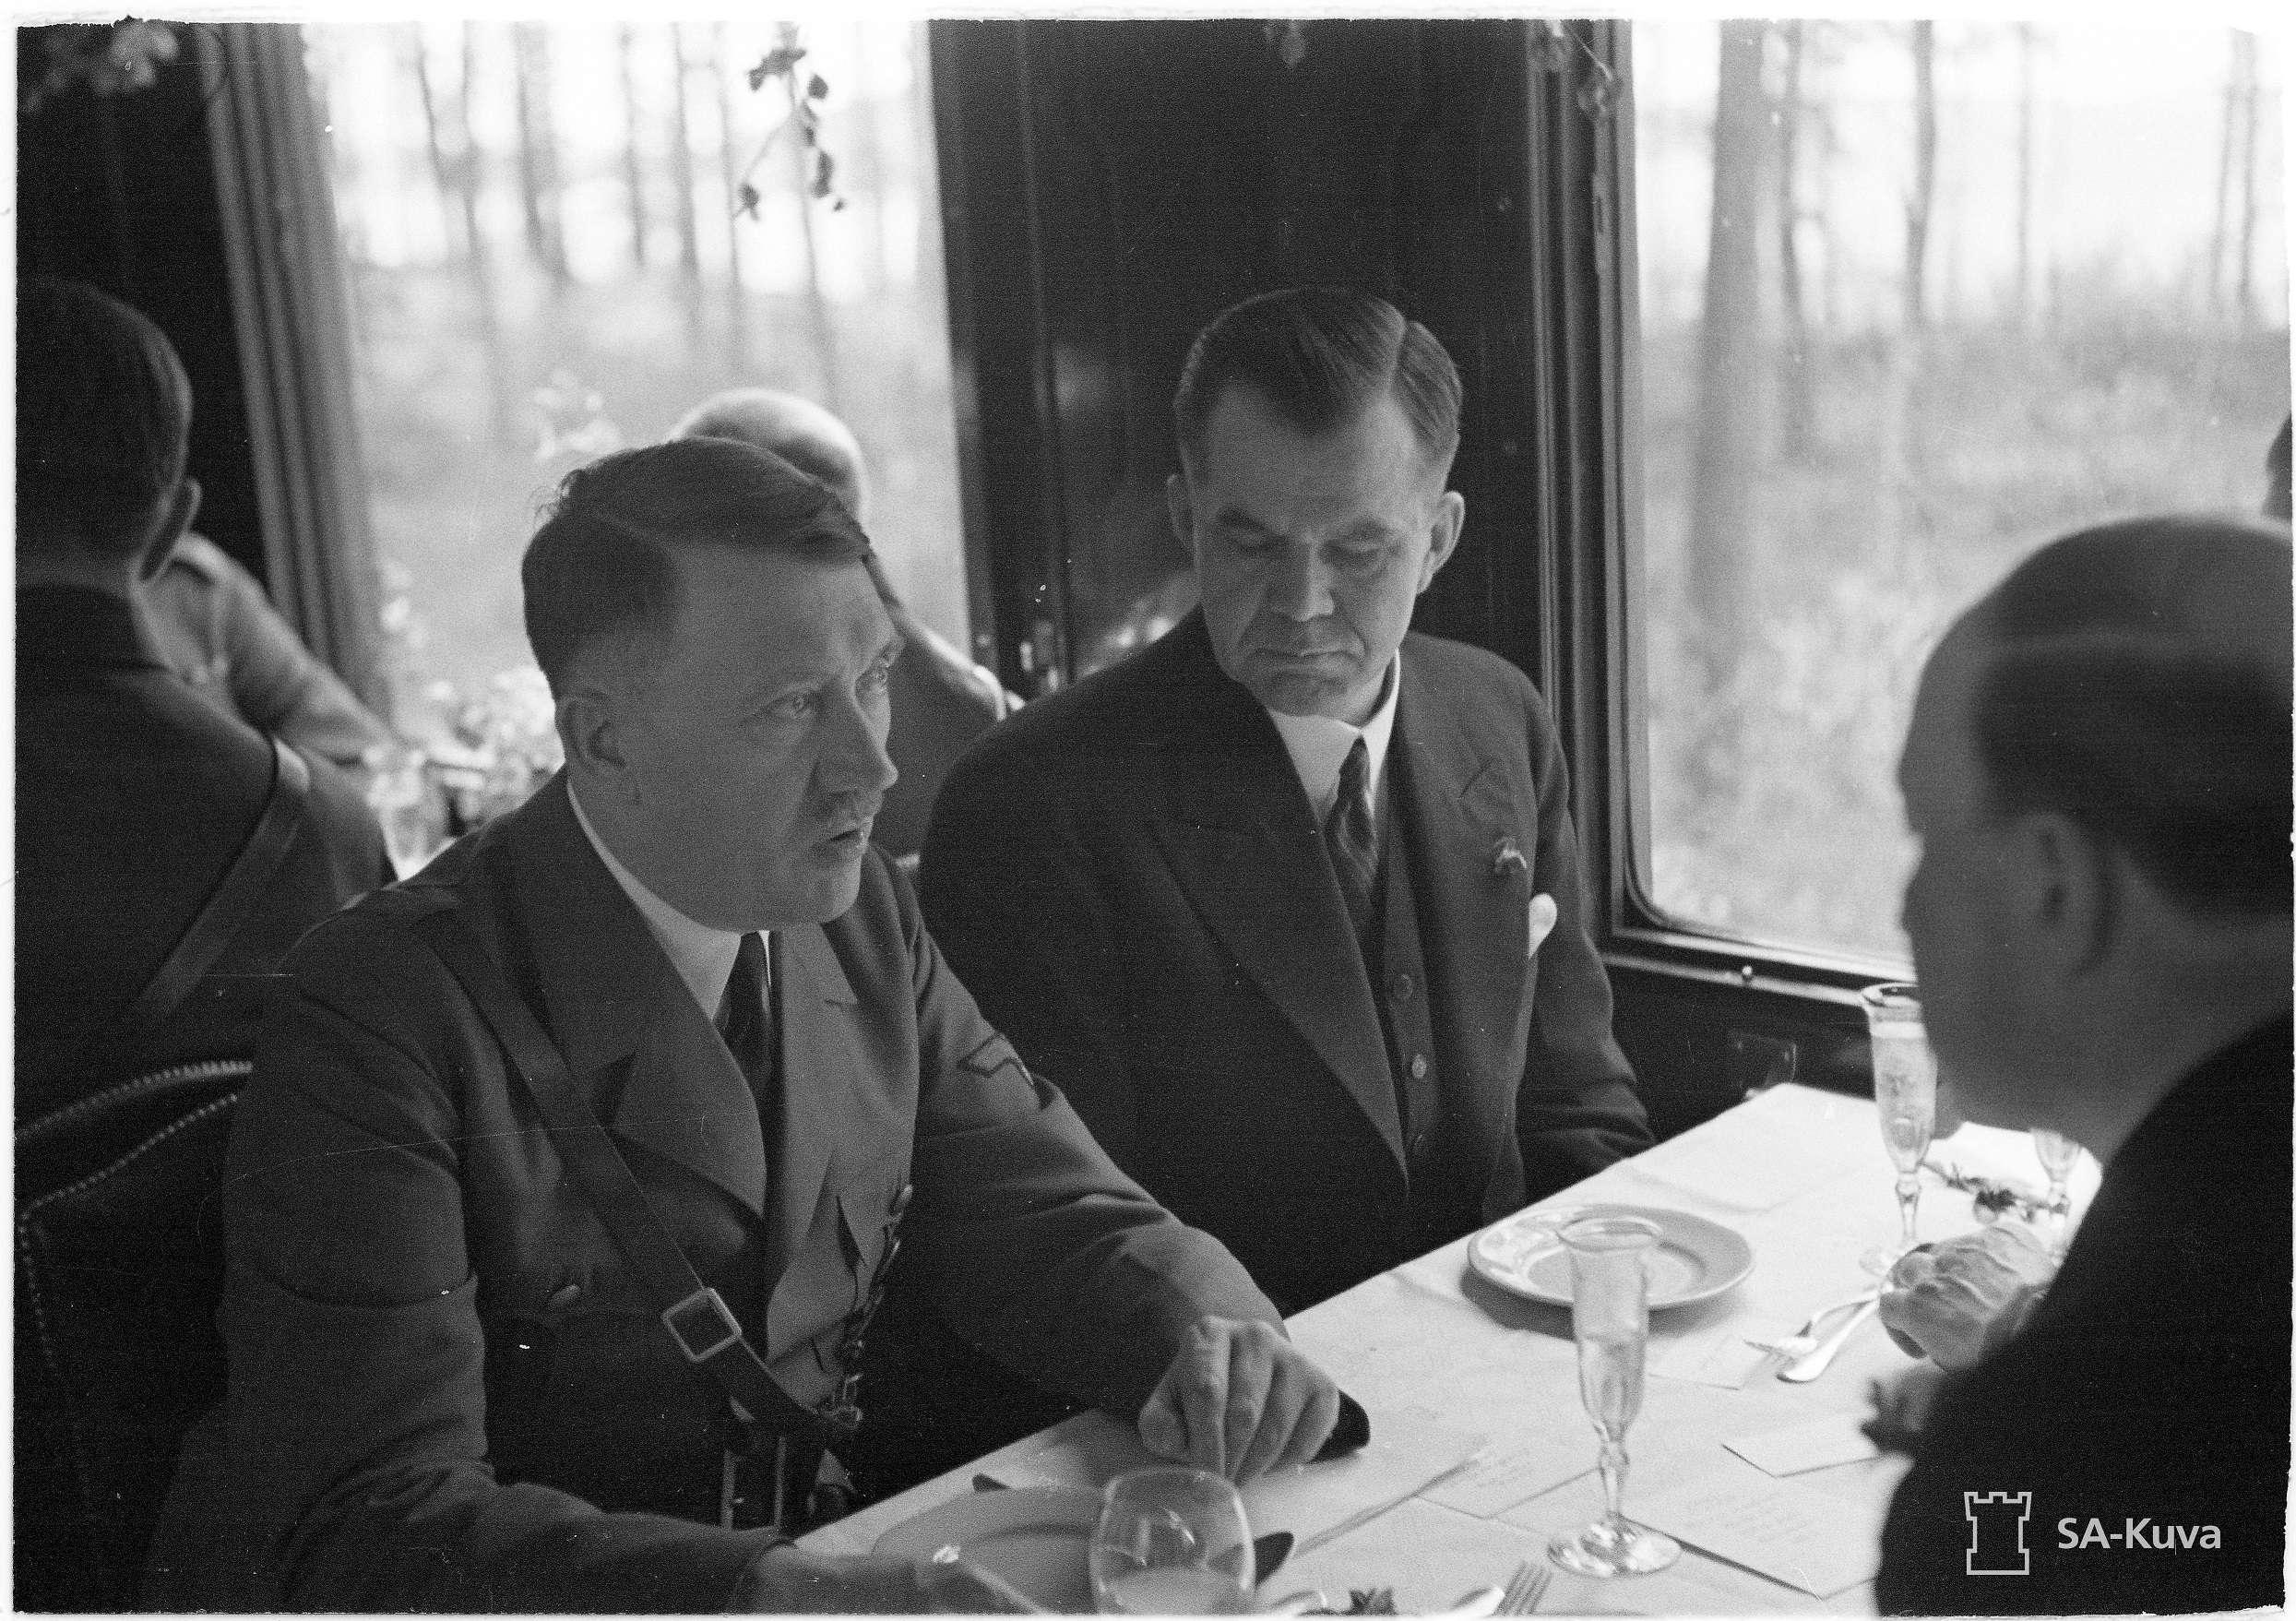 Ακούστε τη φυσιολογική φωνή του Χίτλερ σε μια μυστική συνομιλία